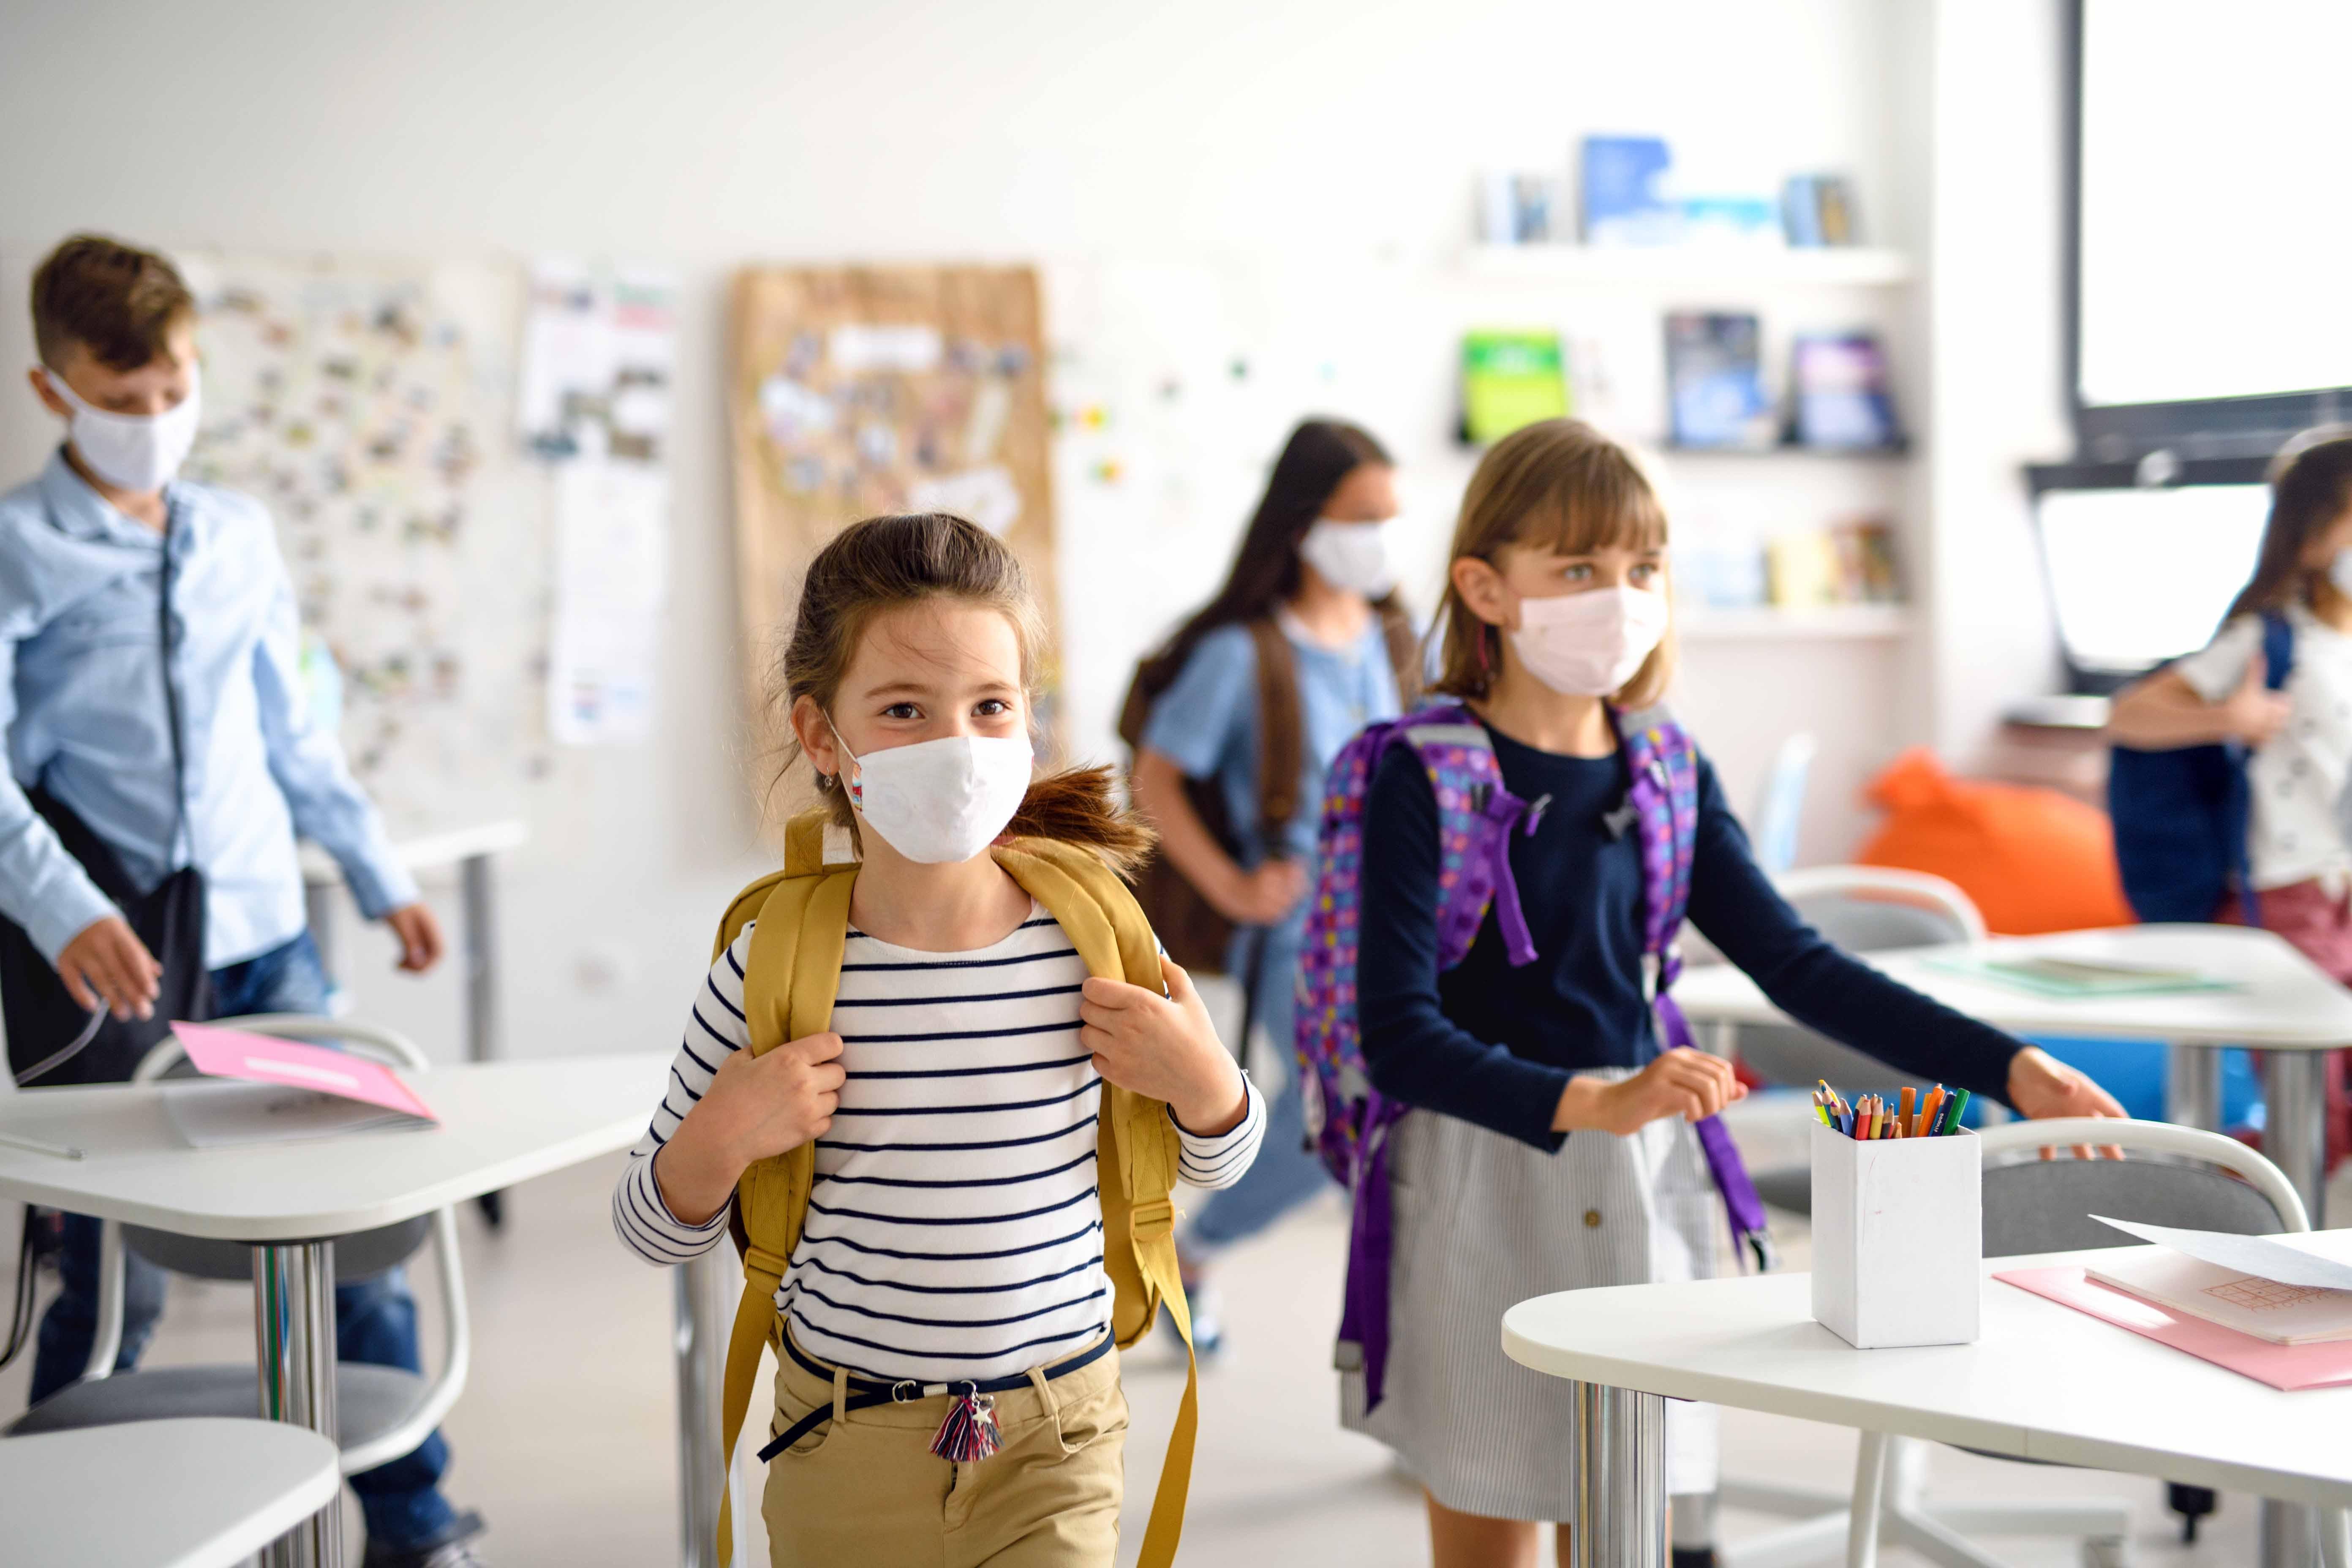 Masques : les enfants aussi